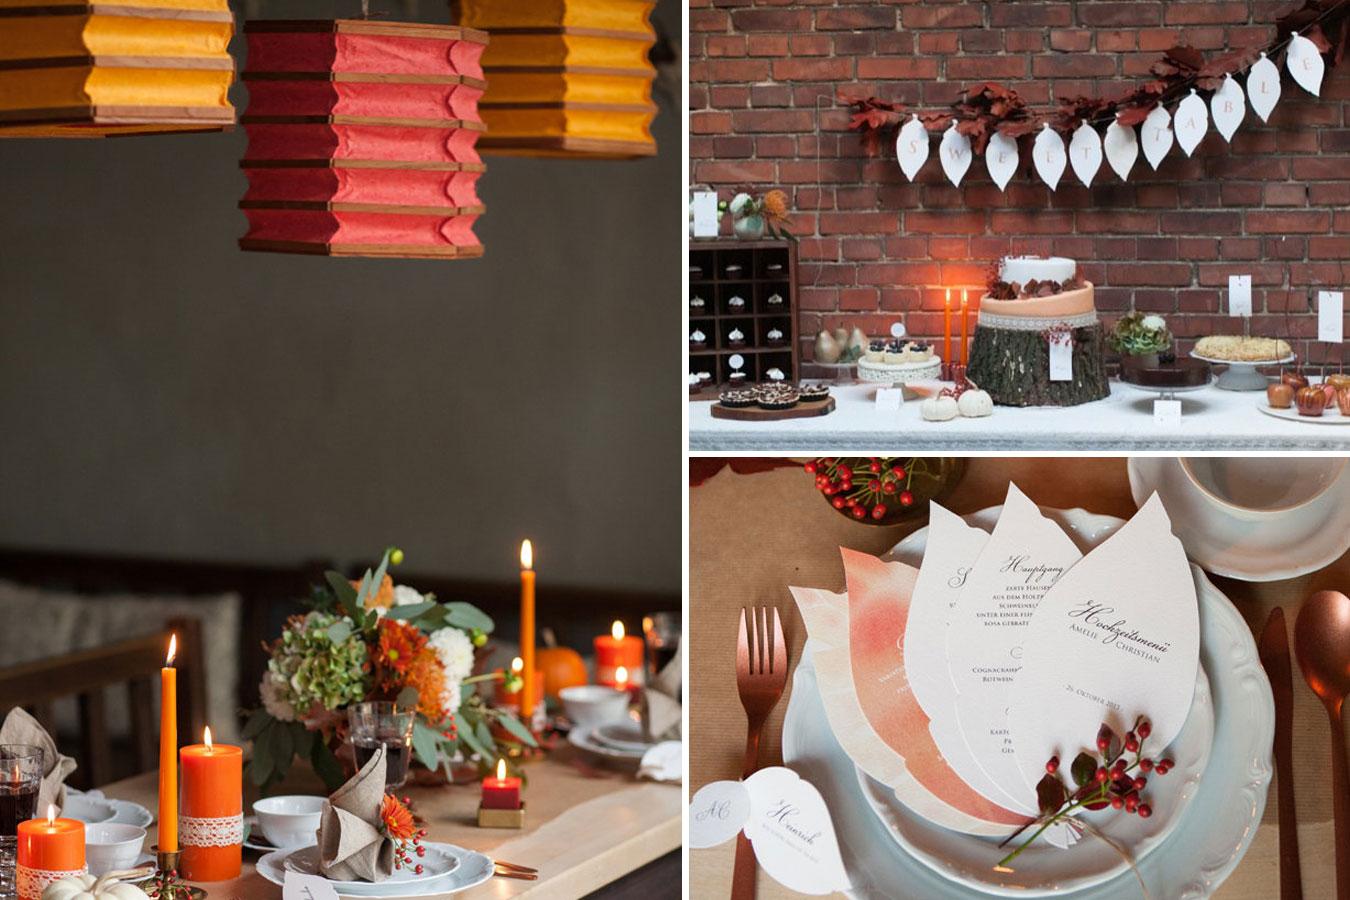 Herbstliche Hochzeitspapeterie in Blattform mit Aquarell-Beeren - Menü